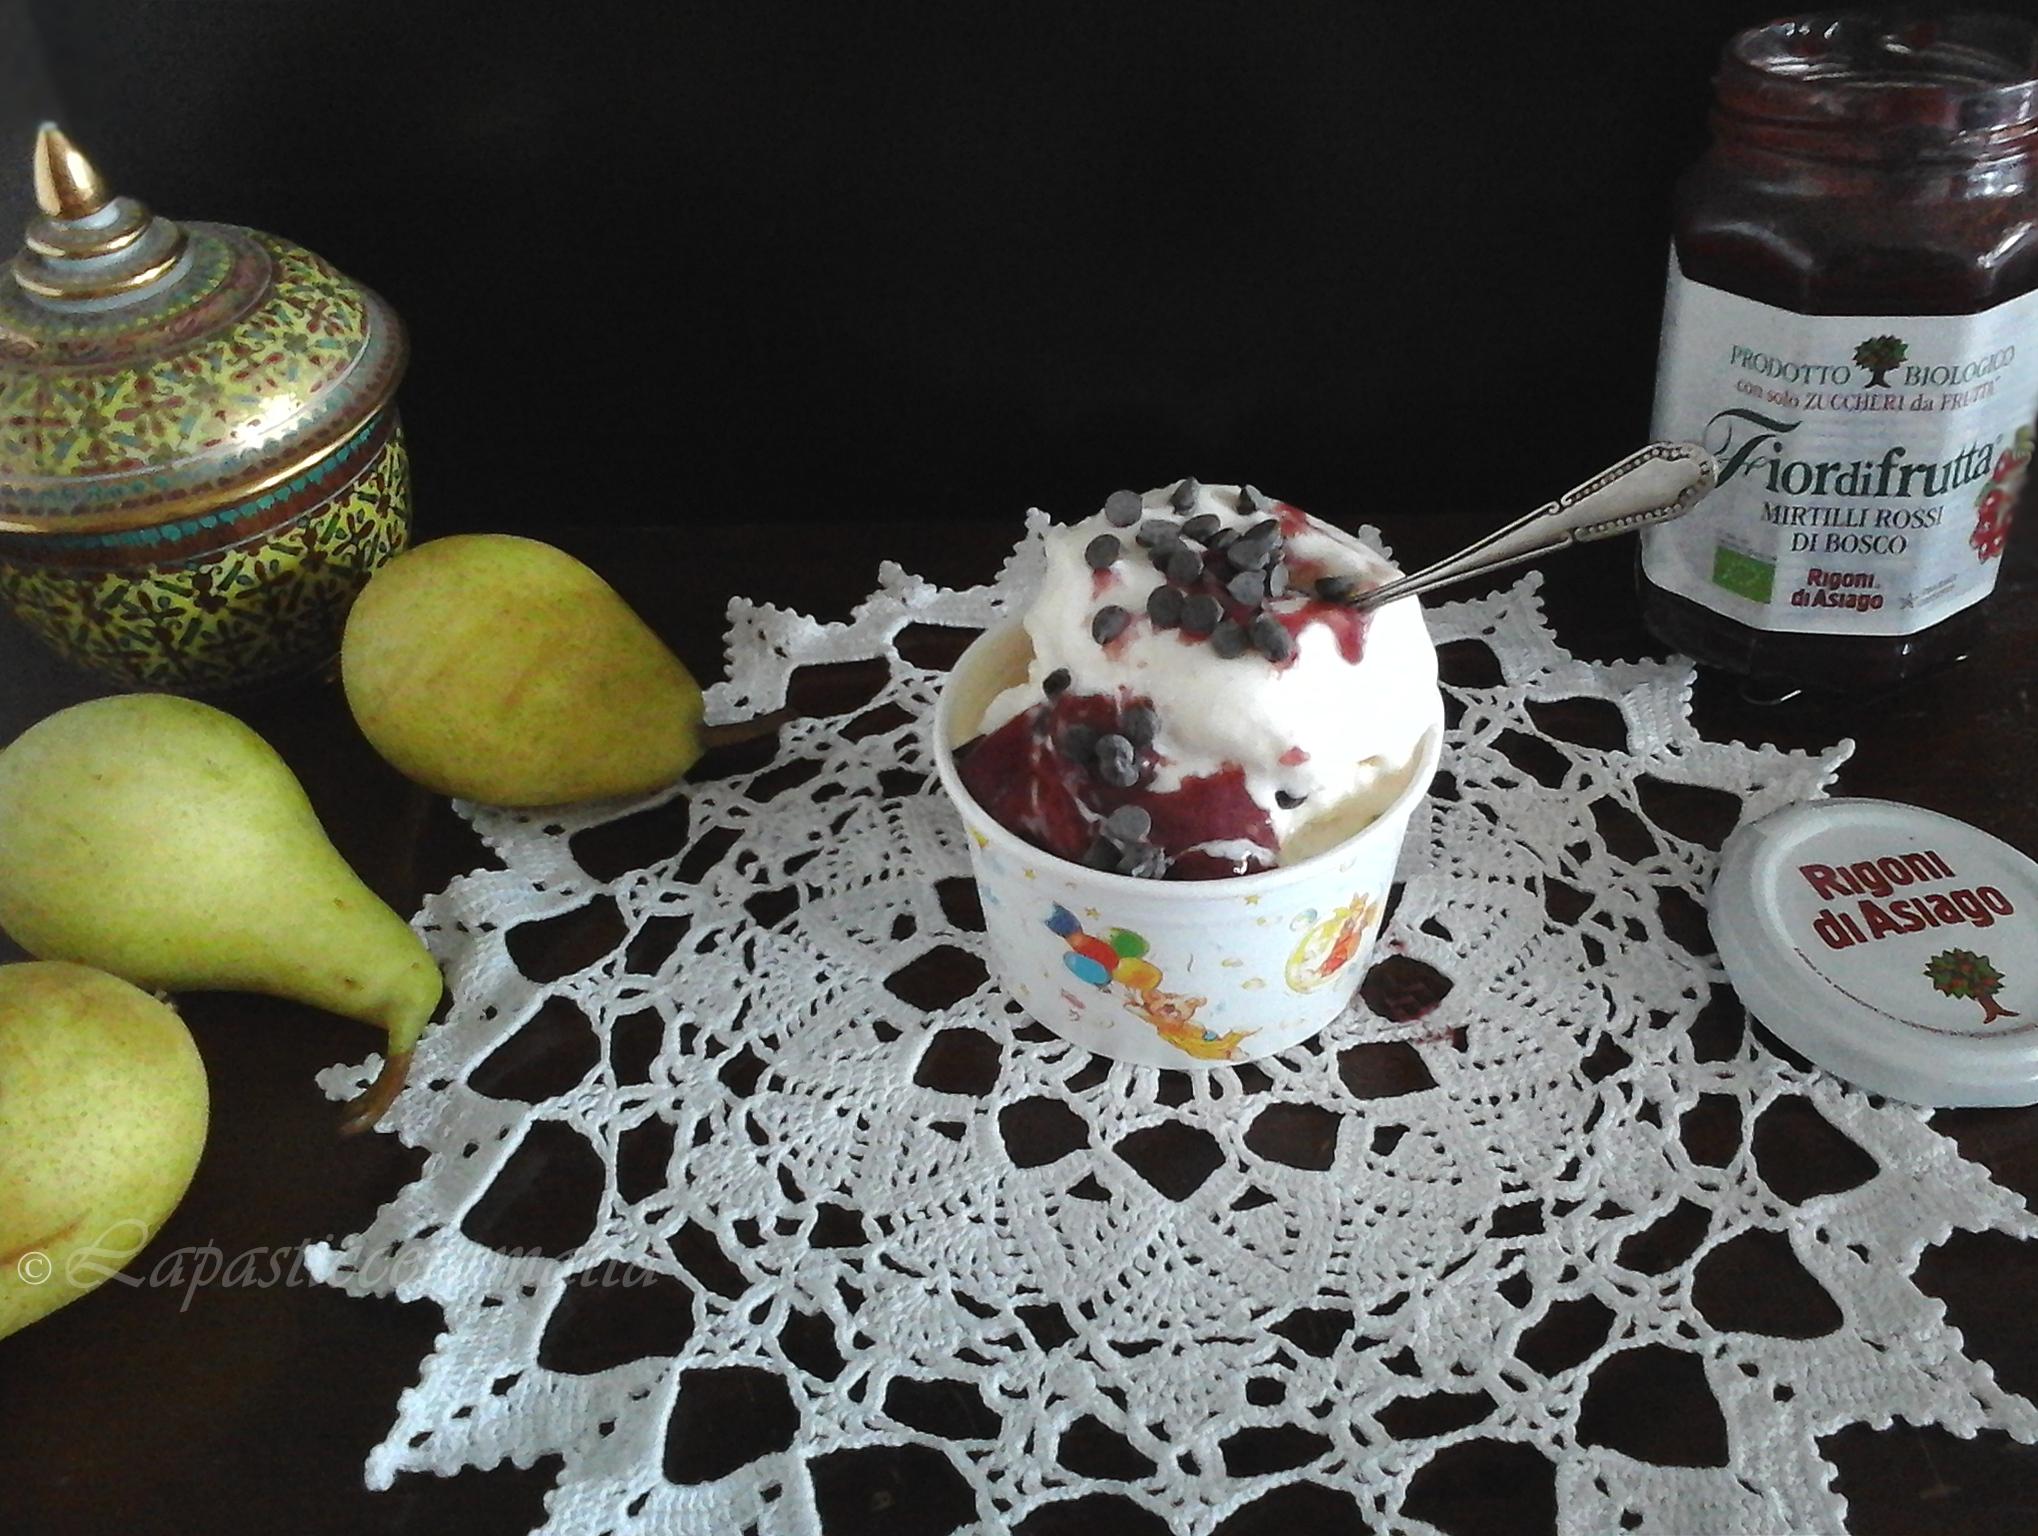 Gelato alla pera senza gelatiera con coulis di mirtilli rossi